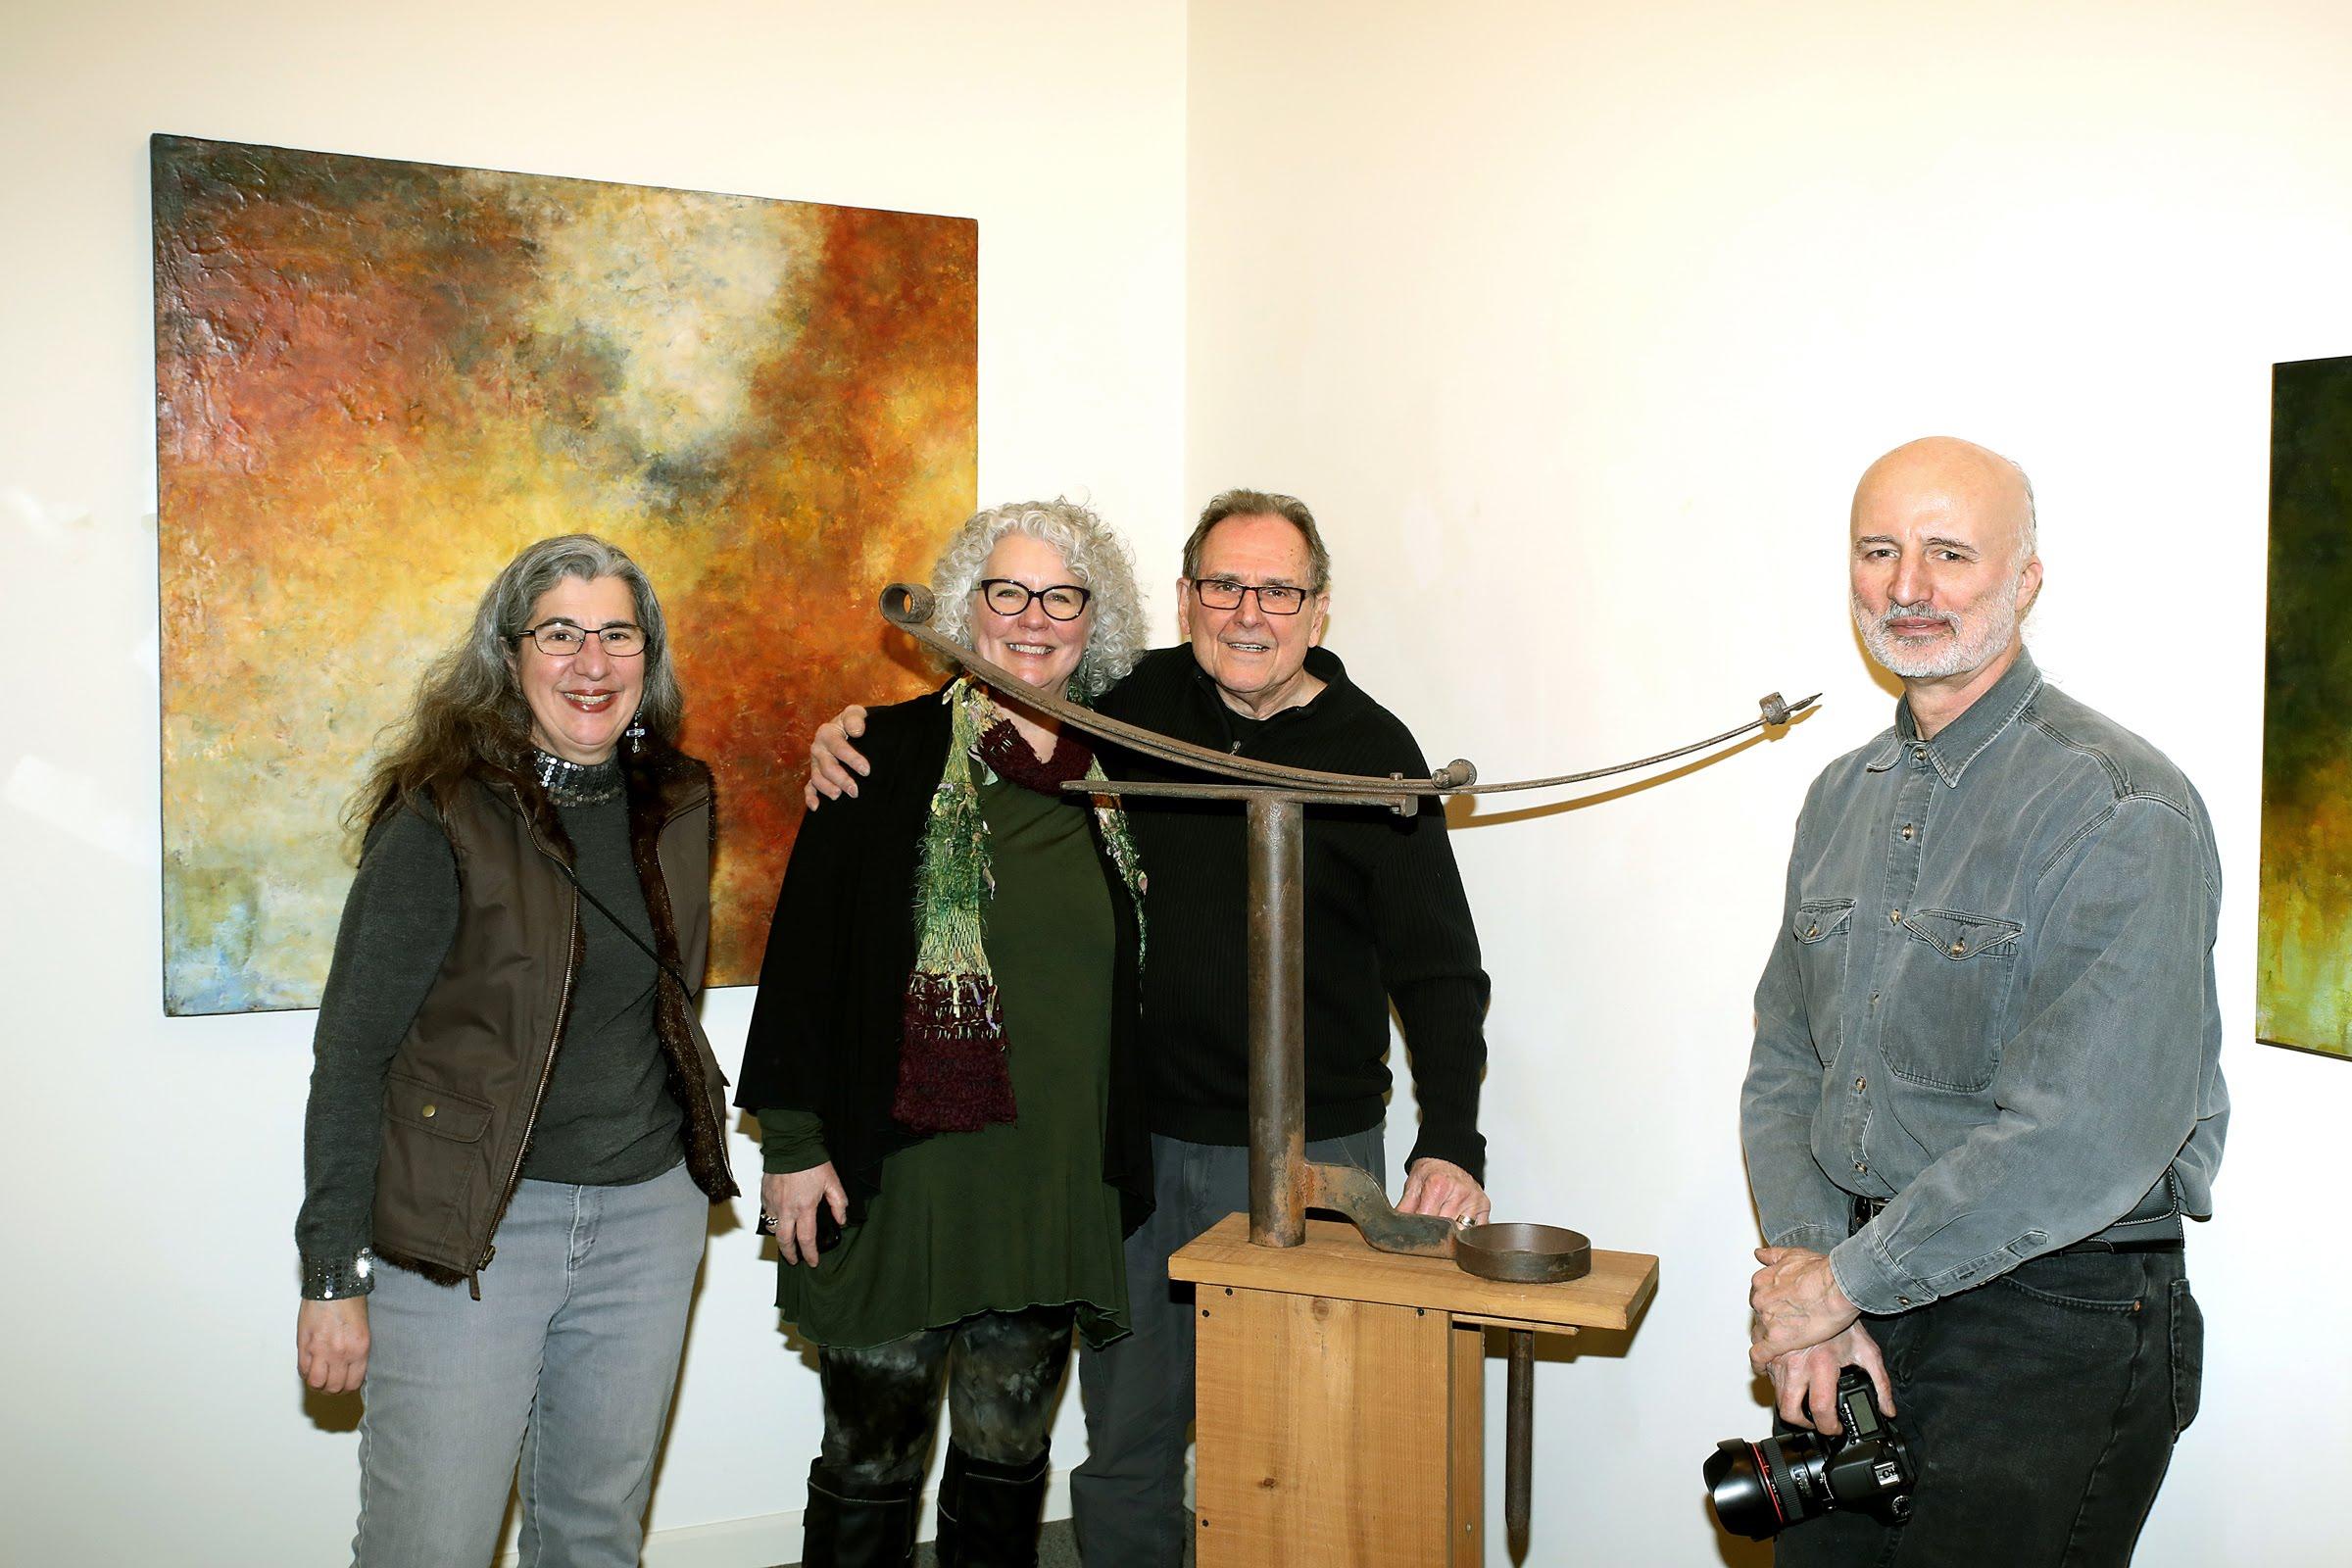 Artists Beth Sahagian Allsopp, Mary and Joe Mendla and Ed Sahagian Allsopp. Photo by Erol Reyal.